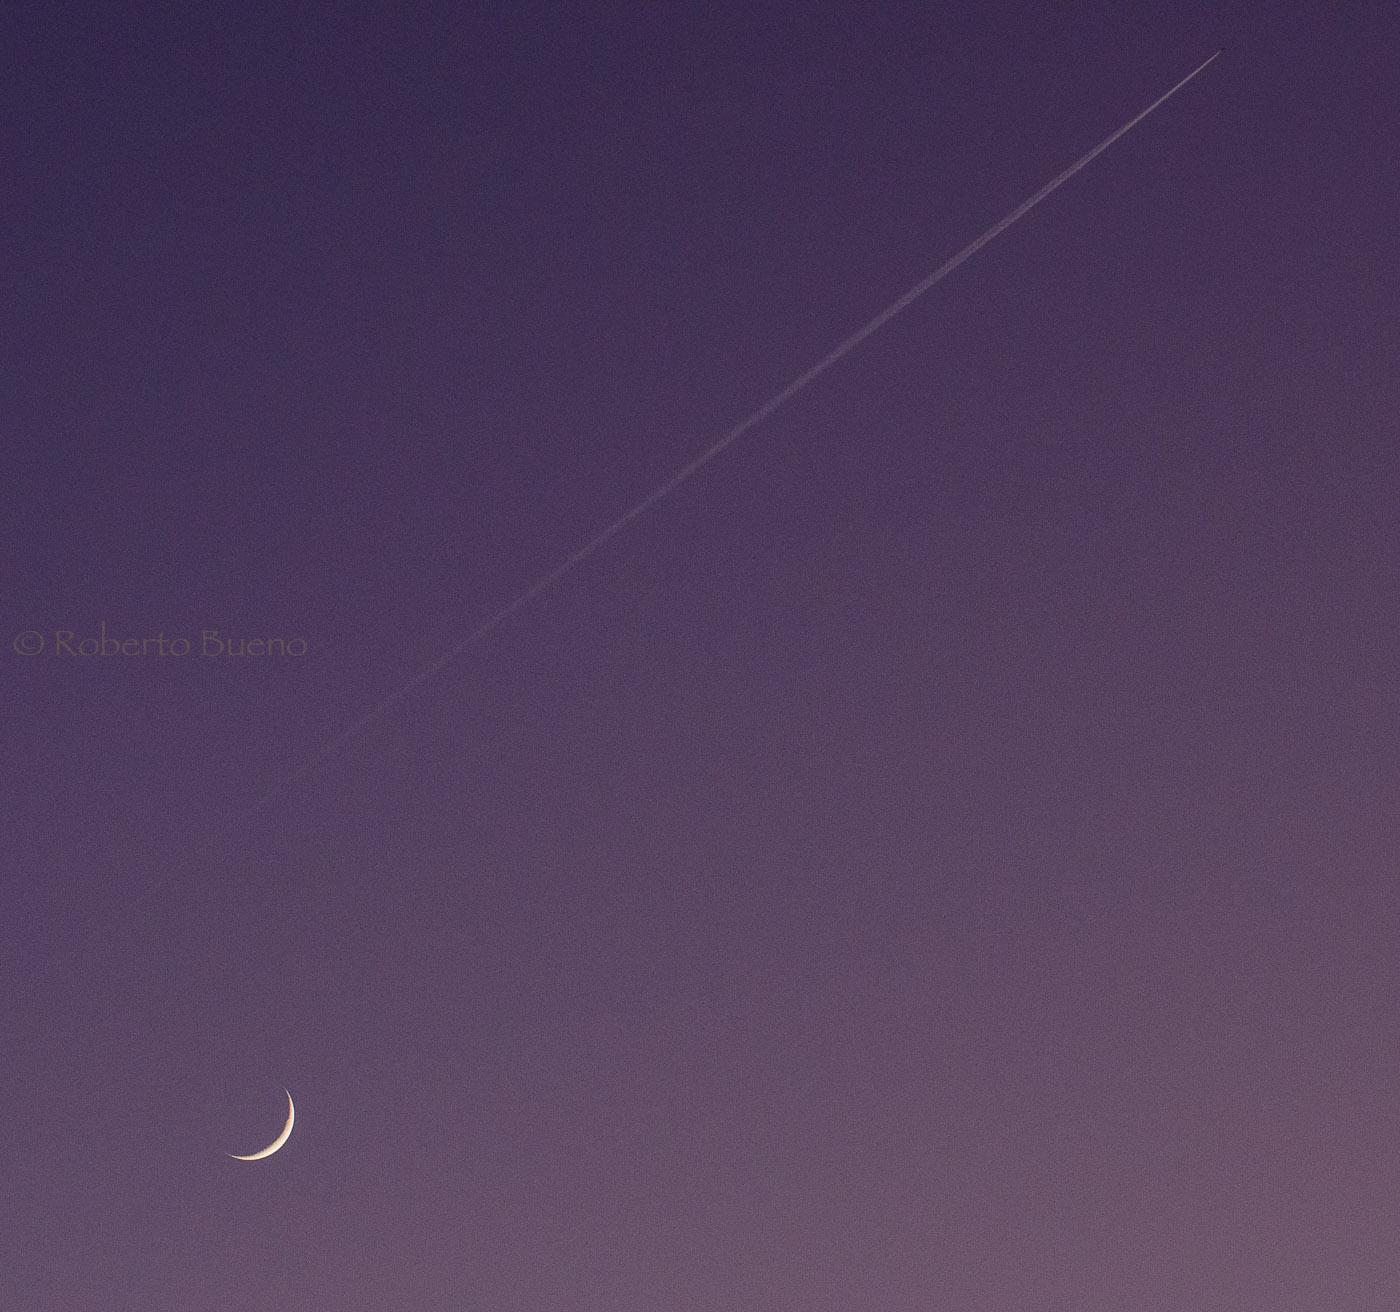 Volando sobre la luna creciente - Con Otros Ojos - Con Otros Ojos - Roberto Bueno – Fotografía, Naturaleza, Abstracciones